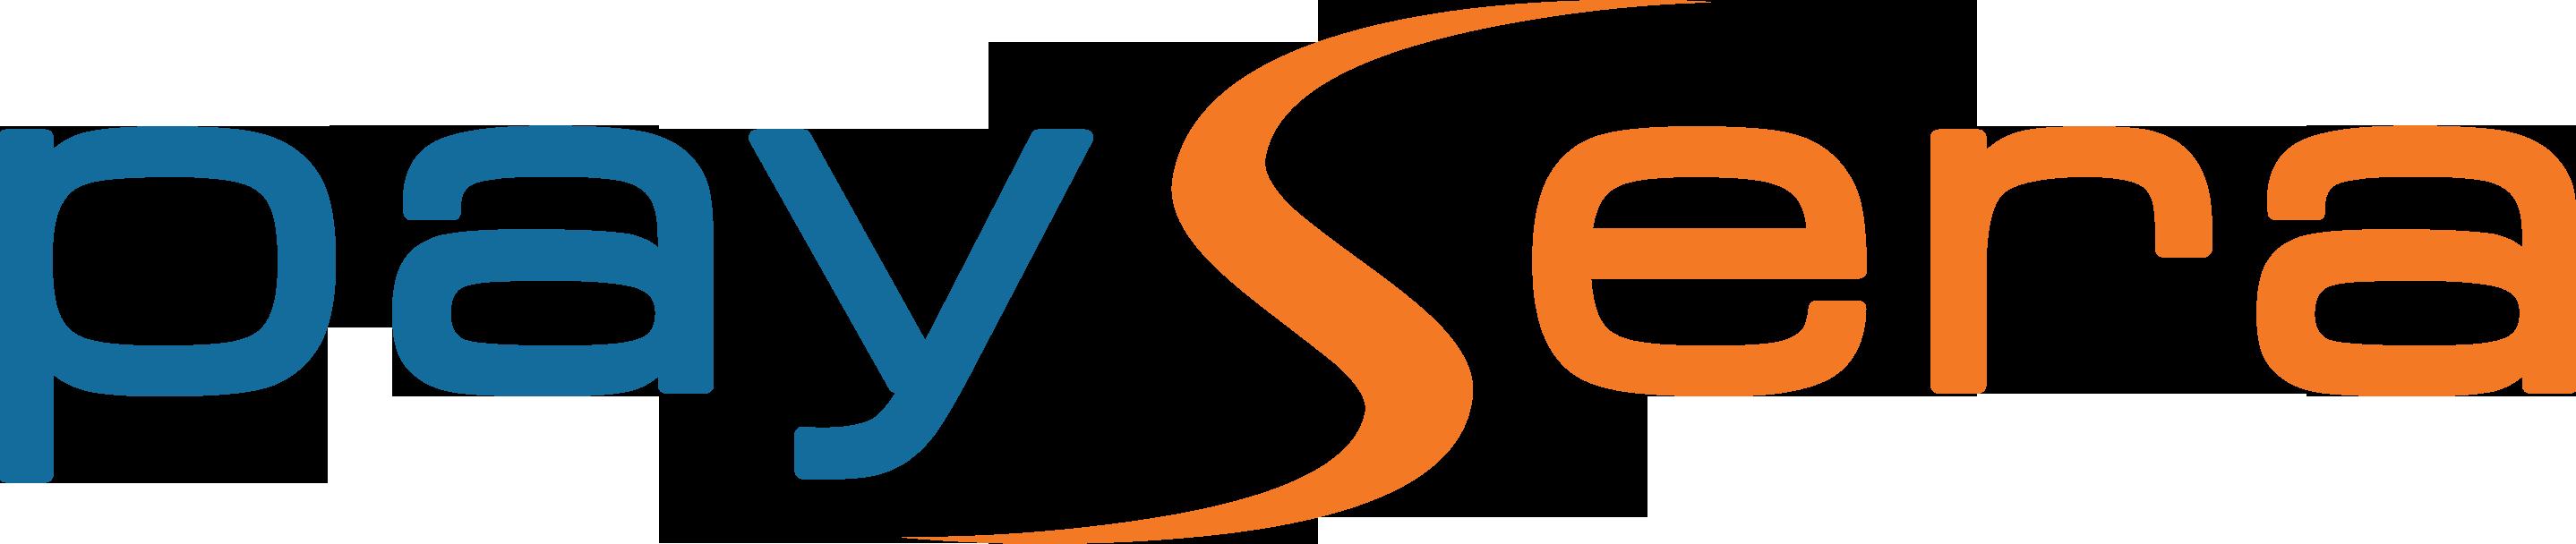 Paysera_logotype_internet.png